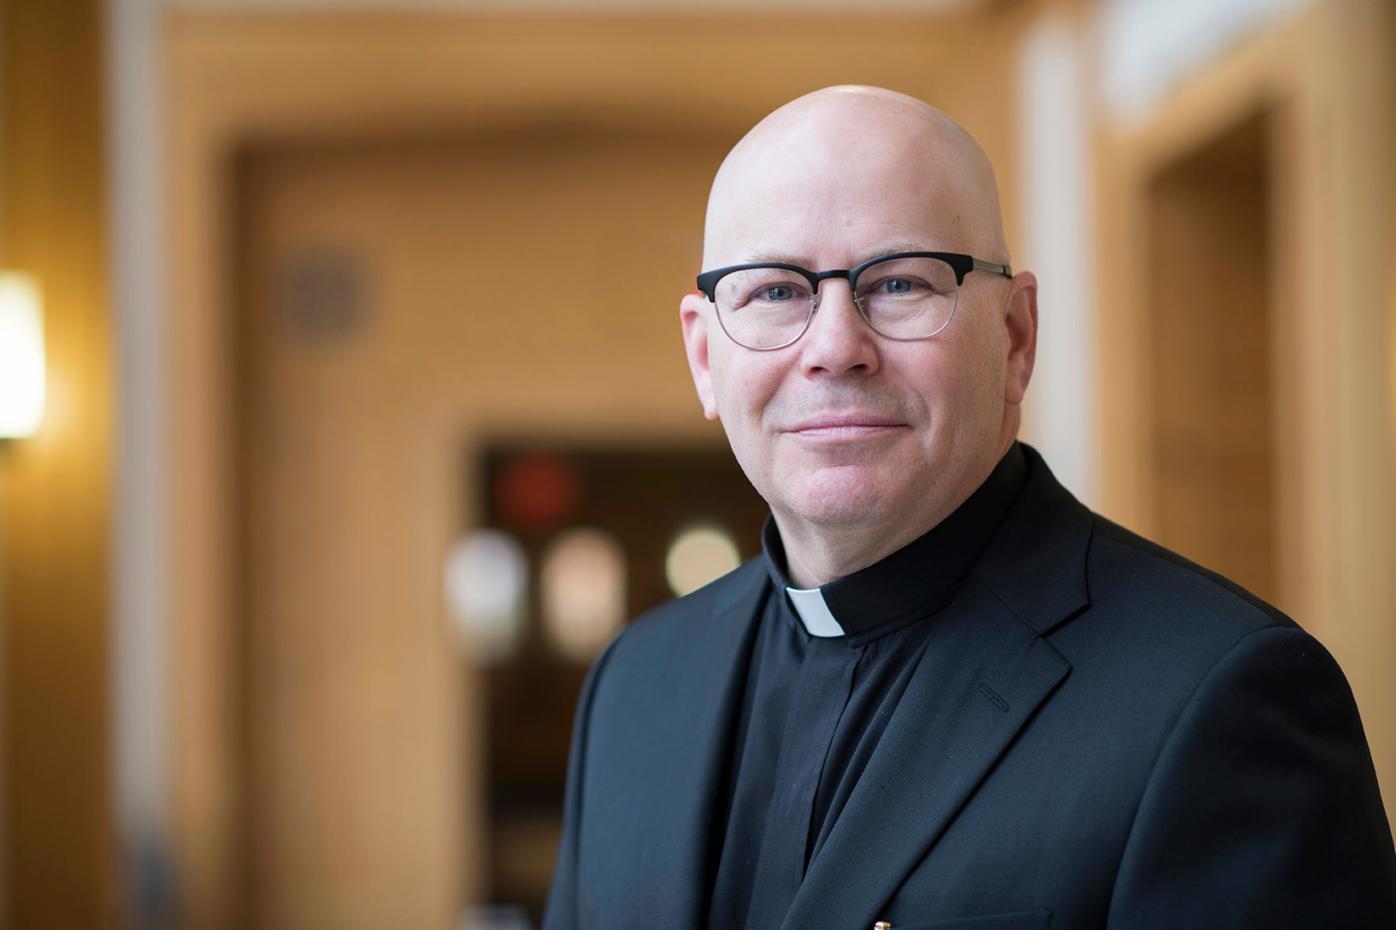 The Rev. Eric Albert Zimmer